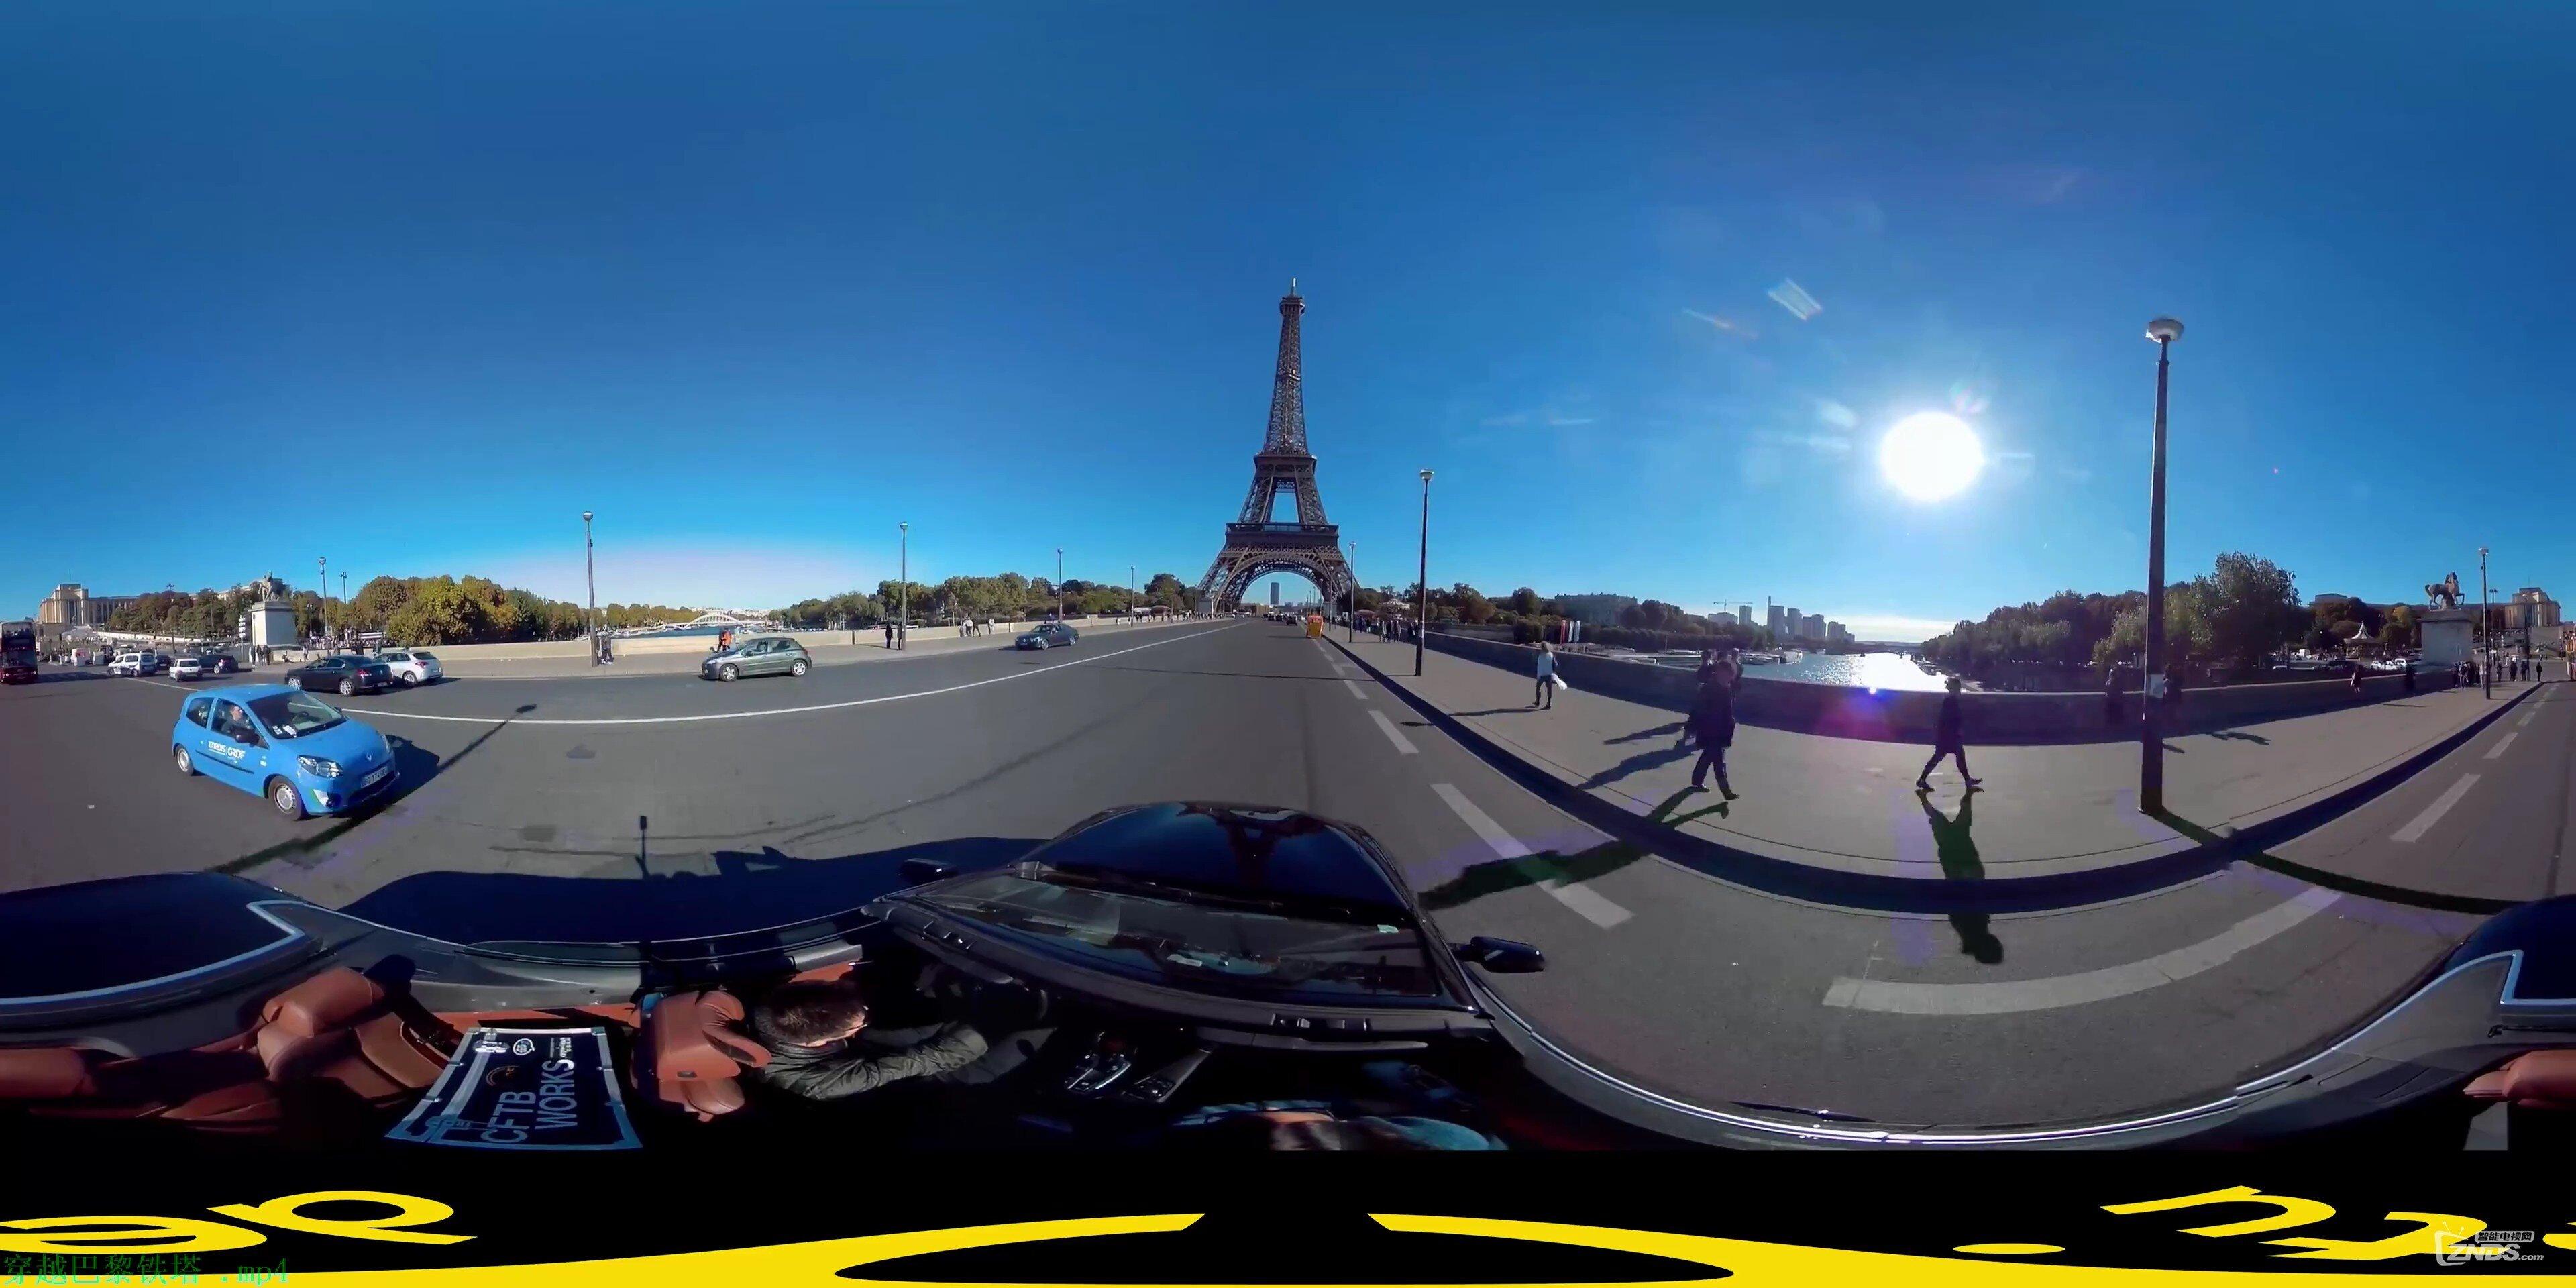 穿越巴黎铁塔 [(000254)2016-12-01-22-26-12].JPG